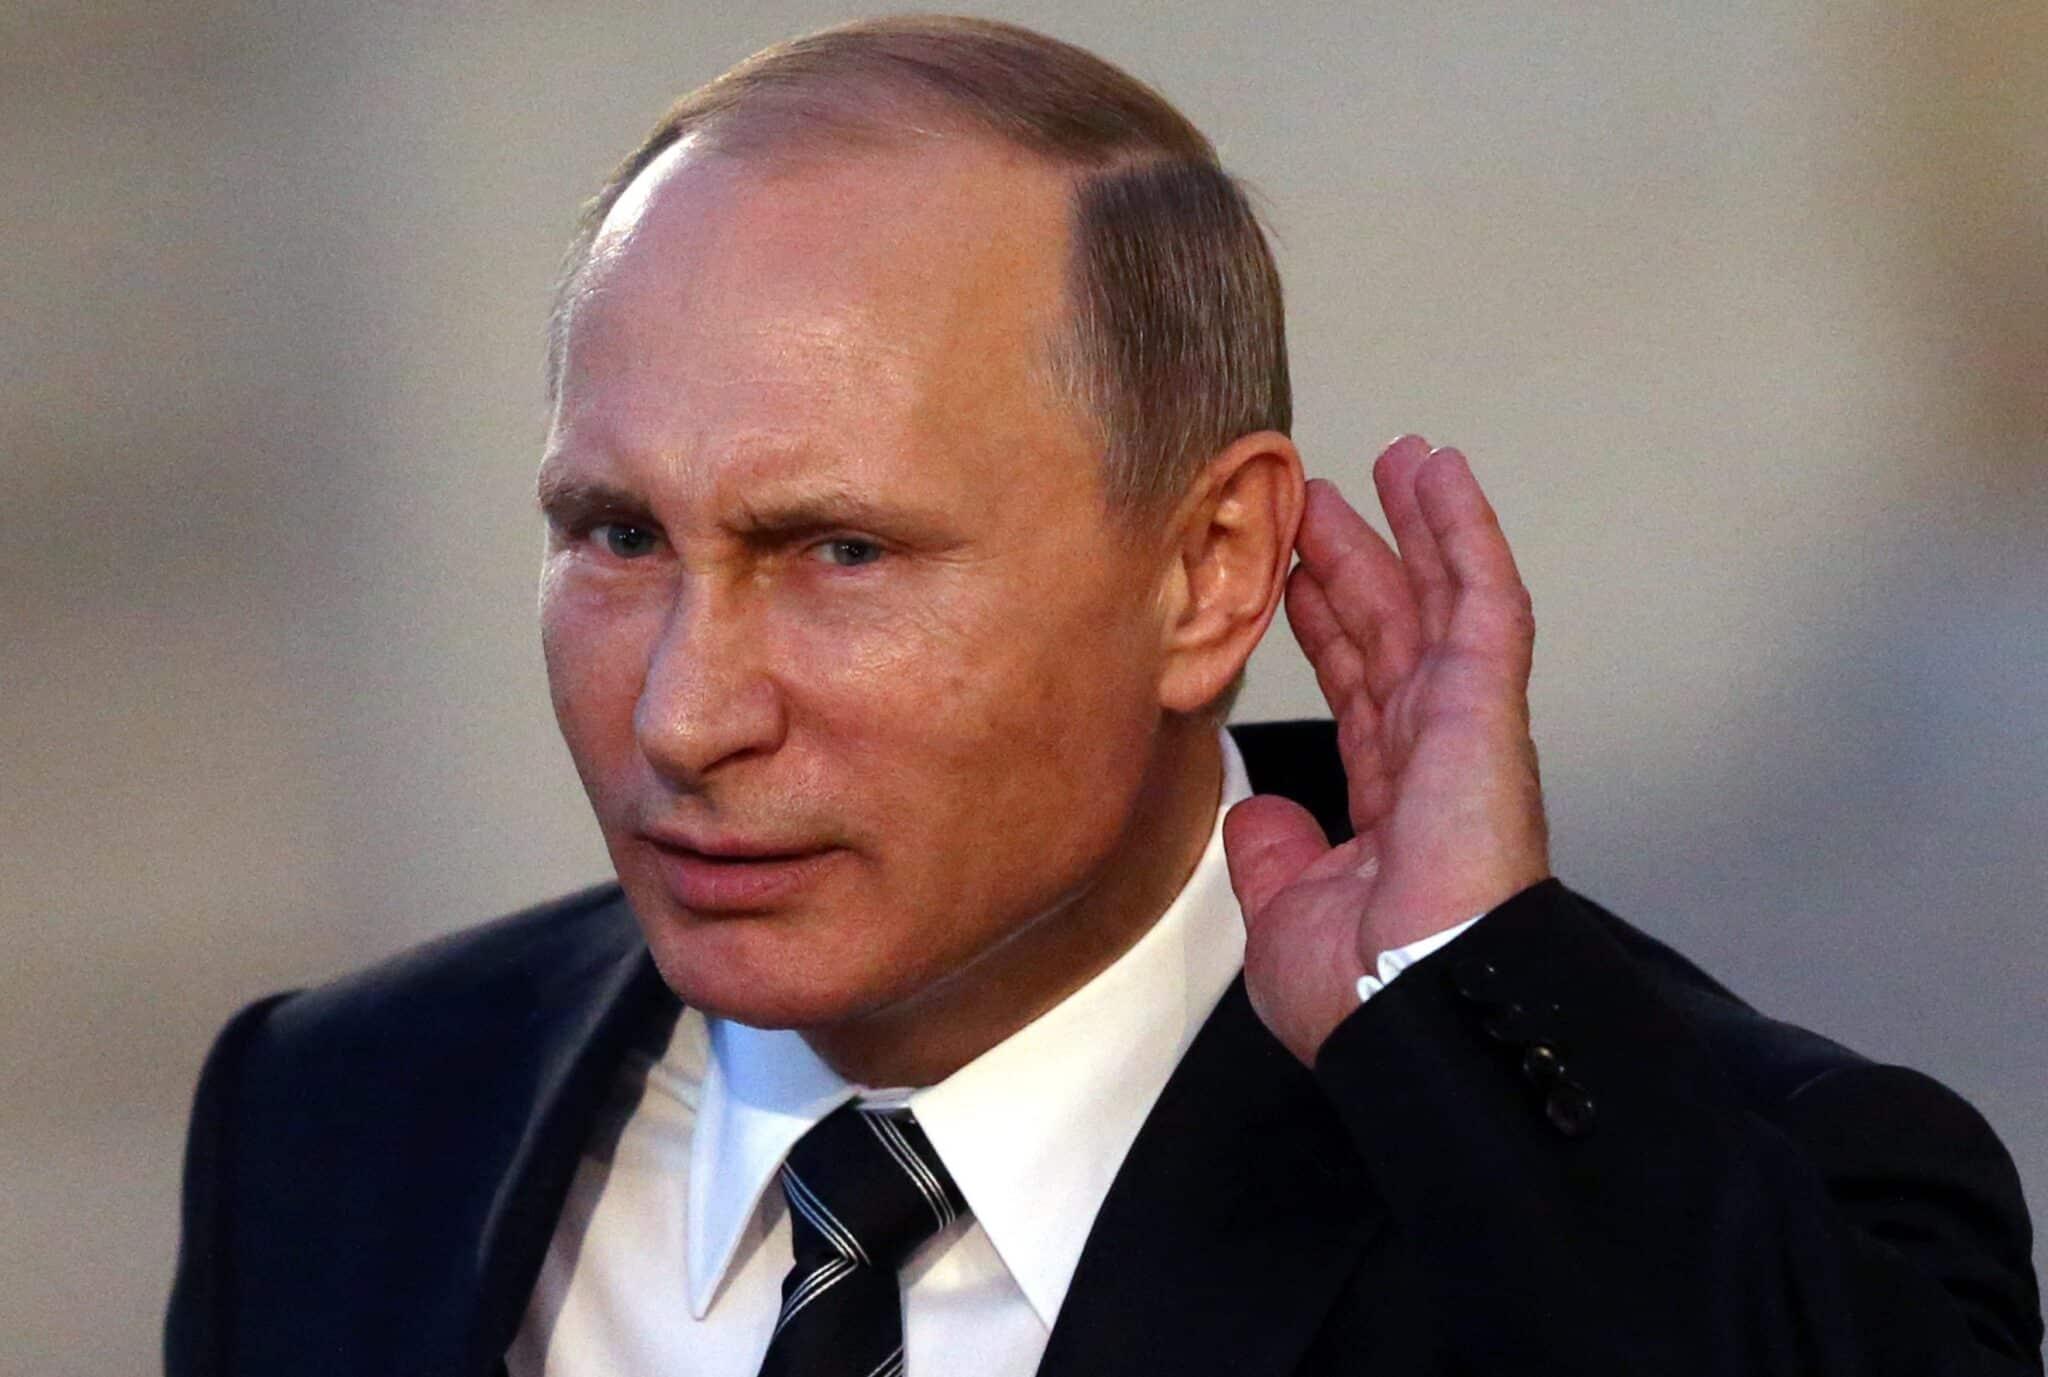 Как о Владимире Путине отзываются простые россияне: мнения экспертов и политологов